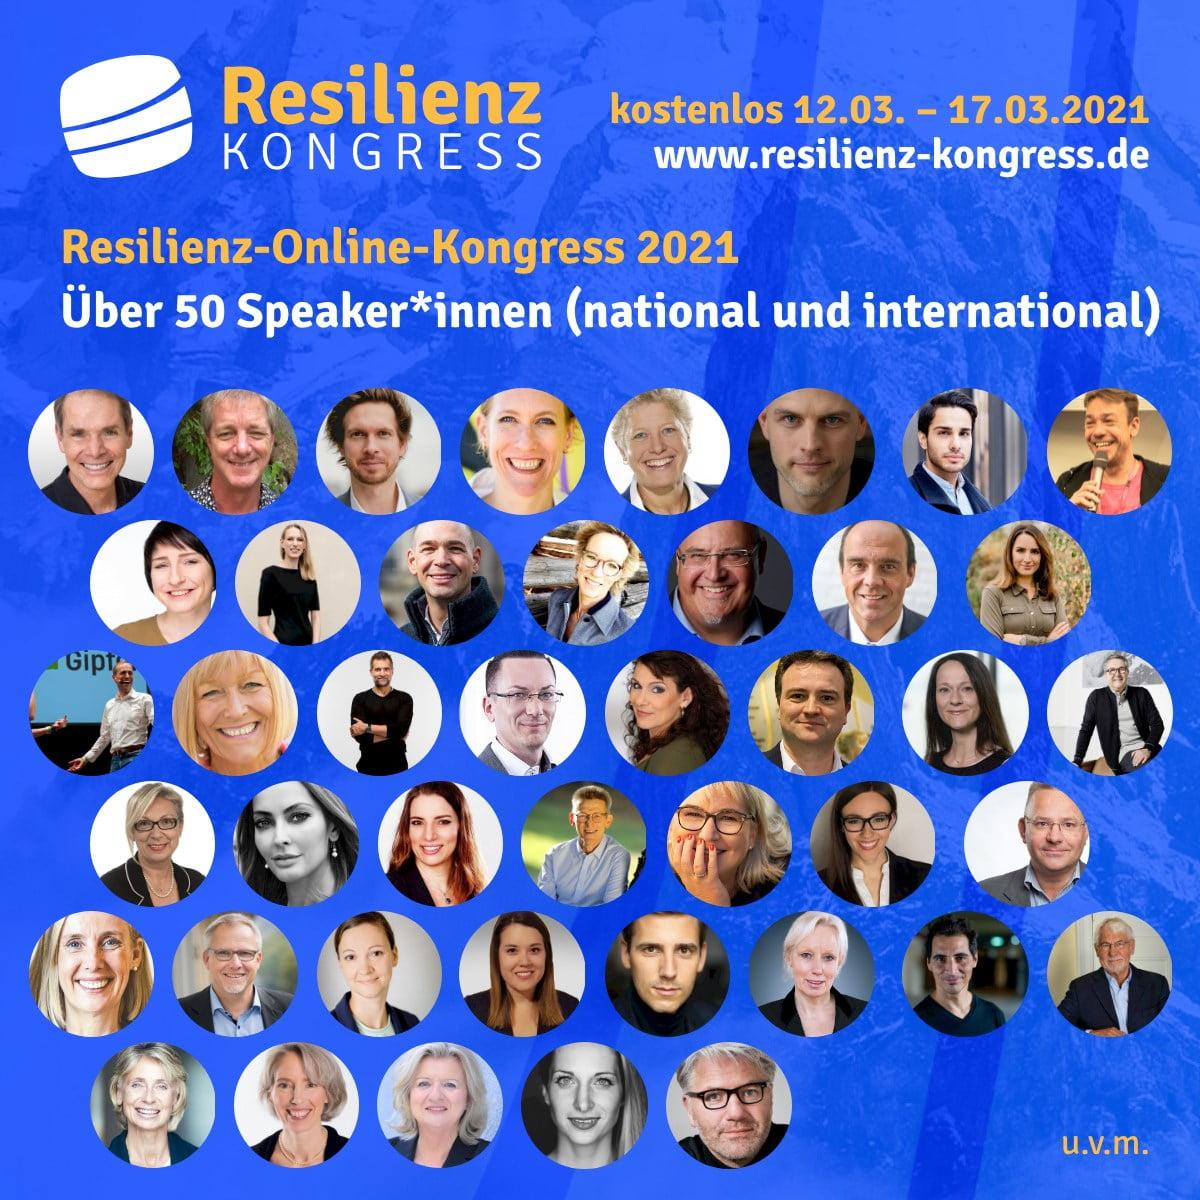 Kostenloser Resilienz-Kongress findet vom 12.3.2021 - 17.3.2021 online statt